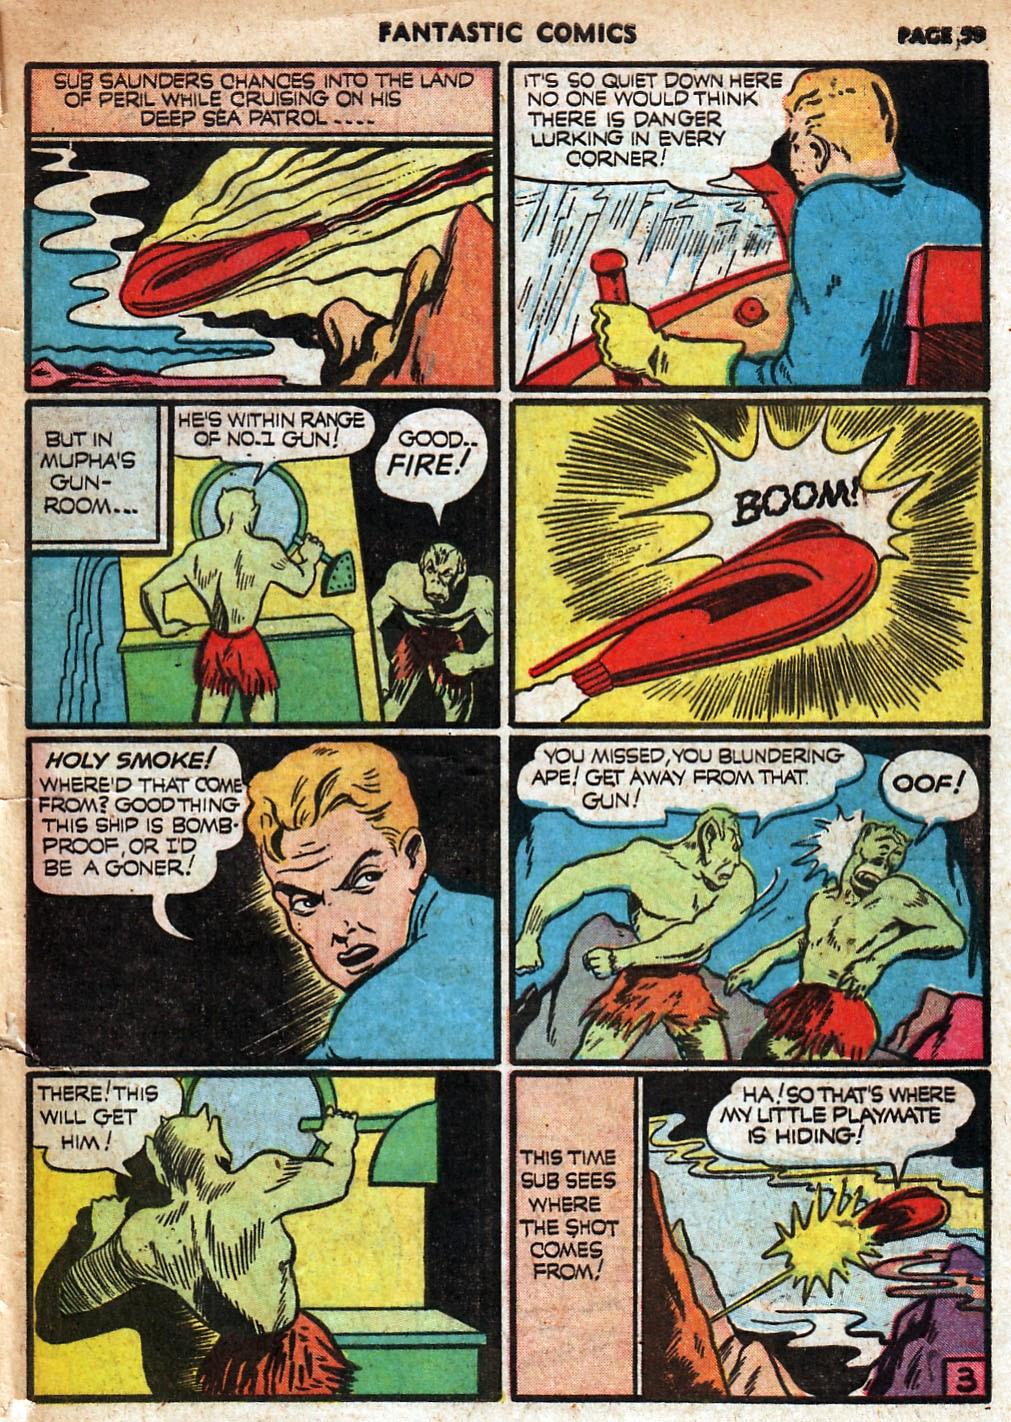 Read online Fantastic Comics comic -  Issue #18 - 61